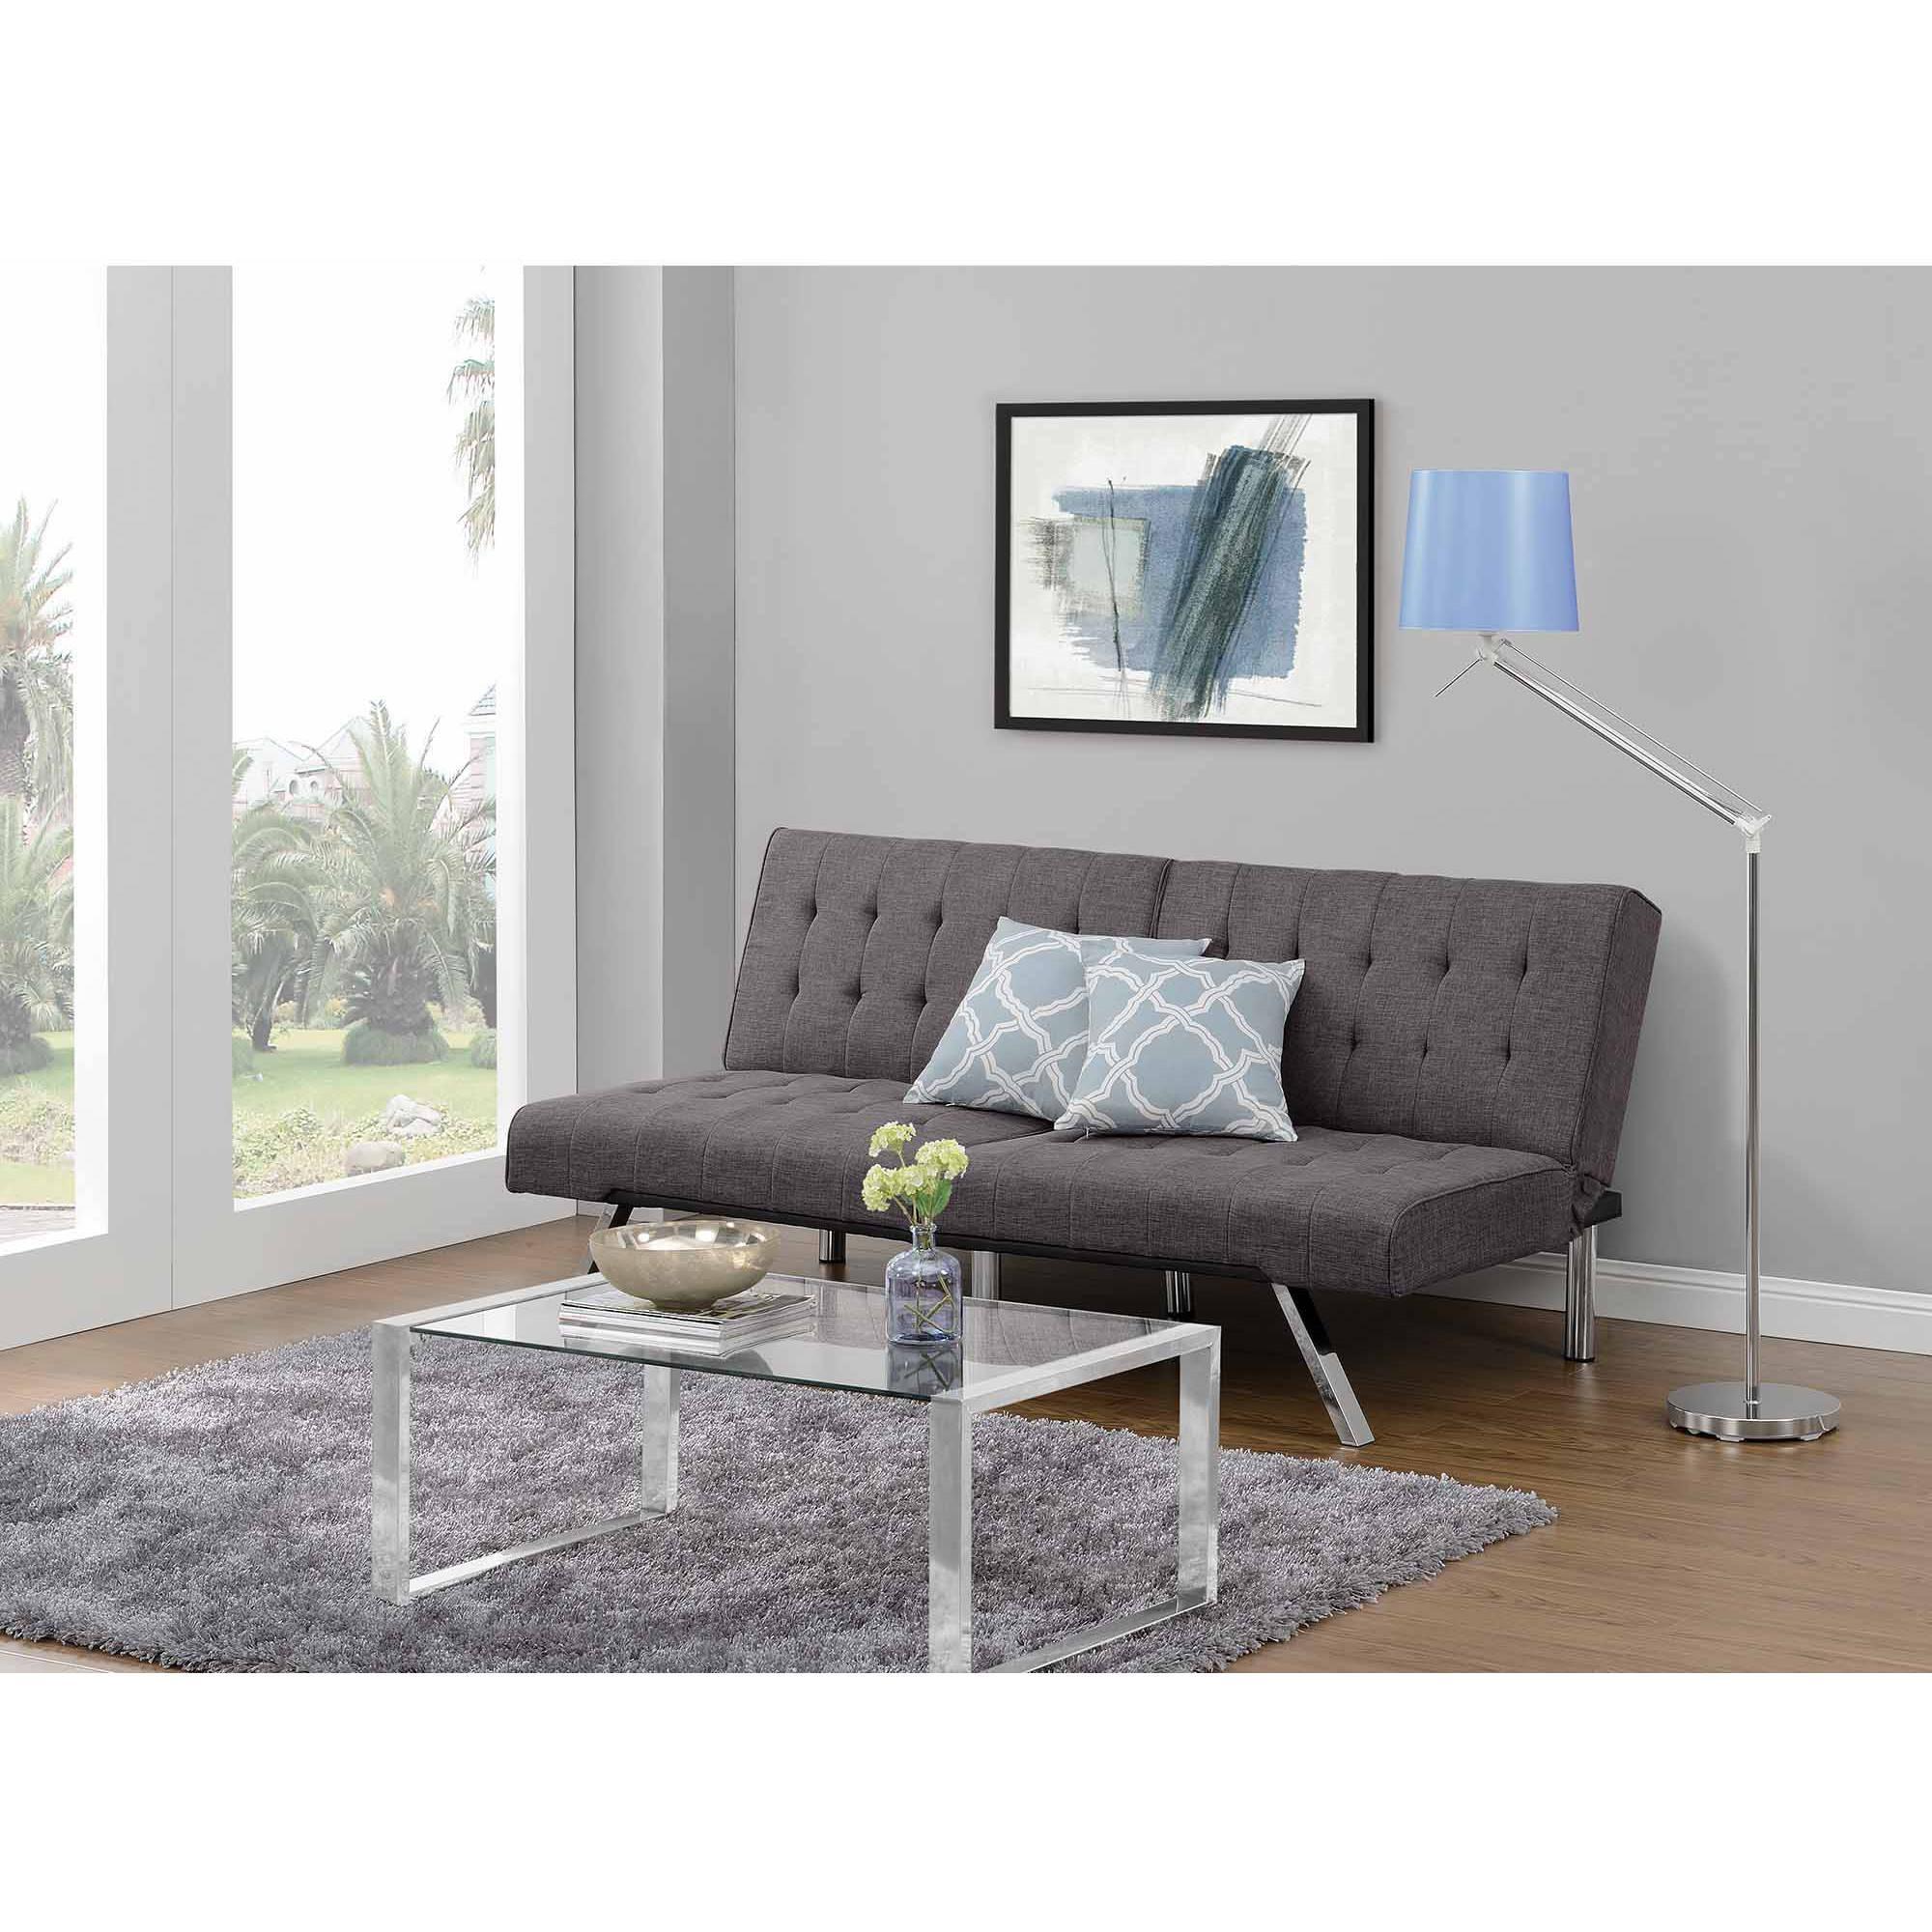 Futons, Futon Beds, Sofa Beds - Walmart with Convertible Futon Sofa Beds